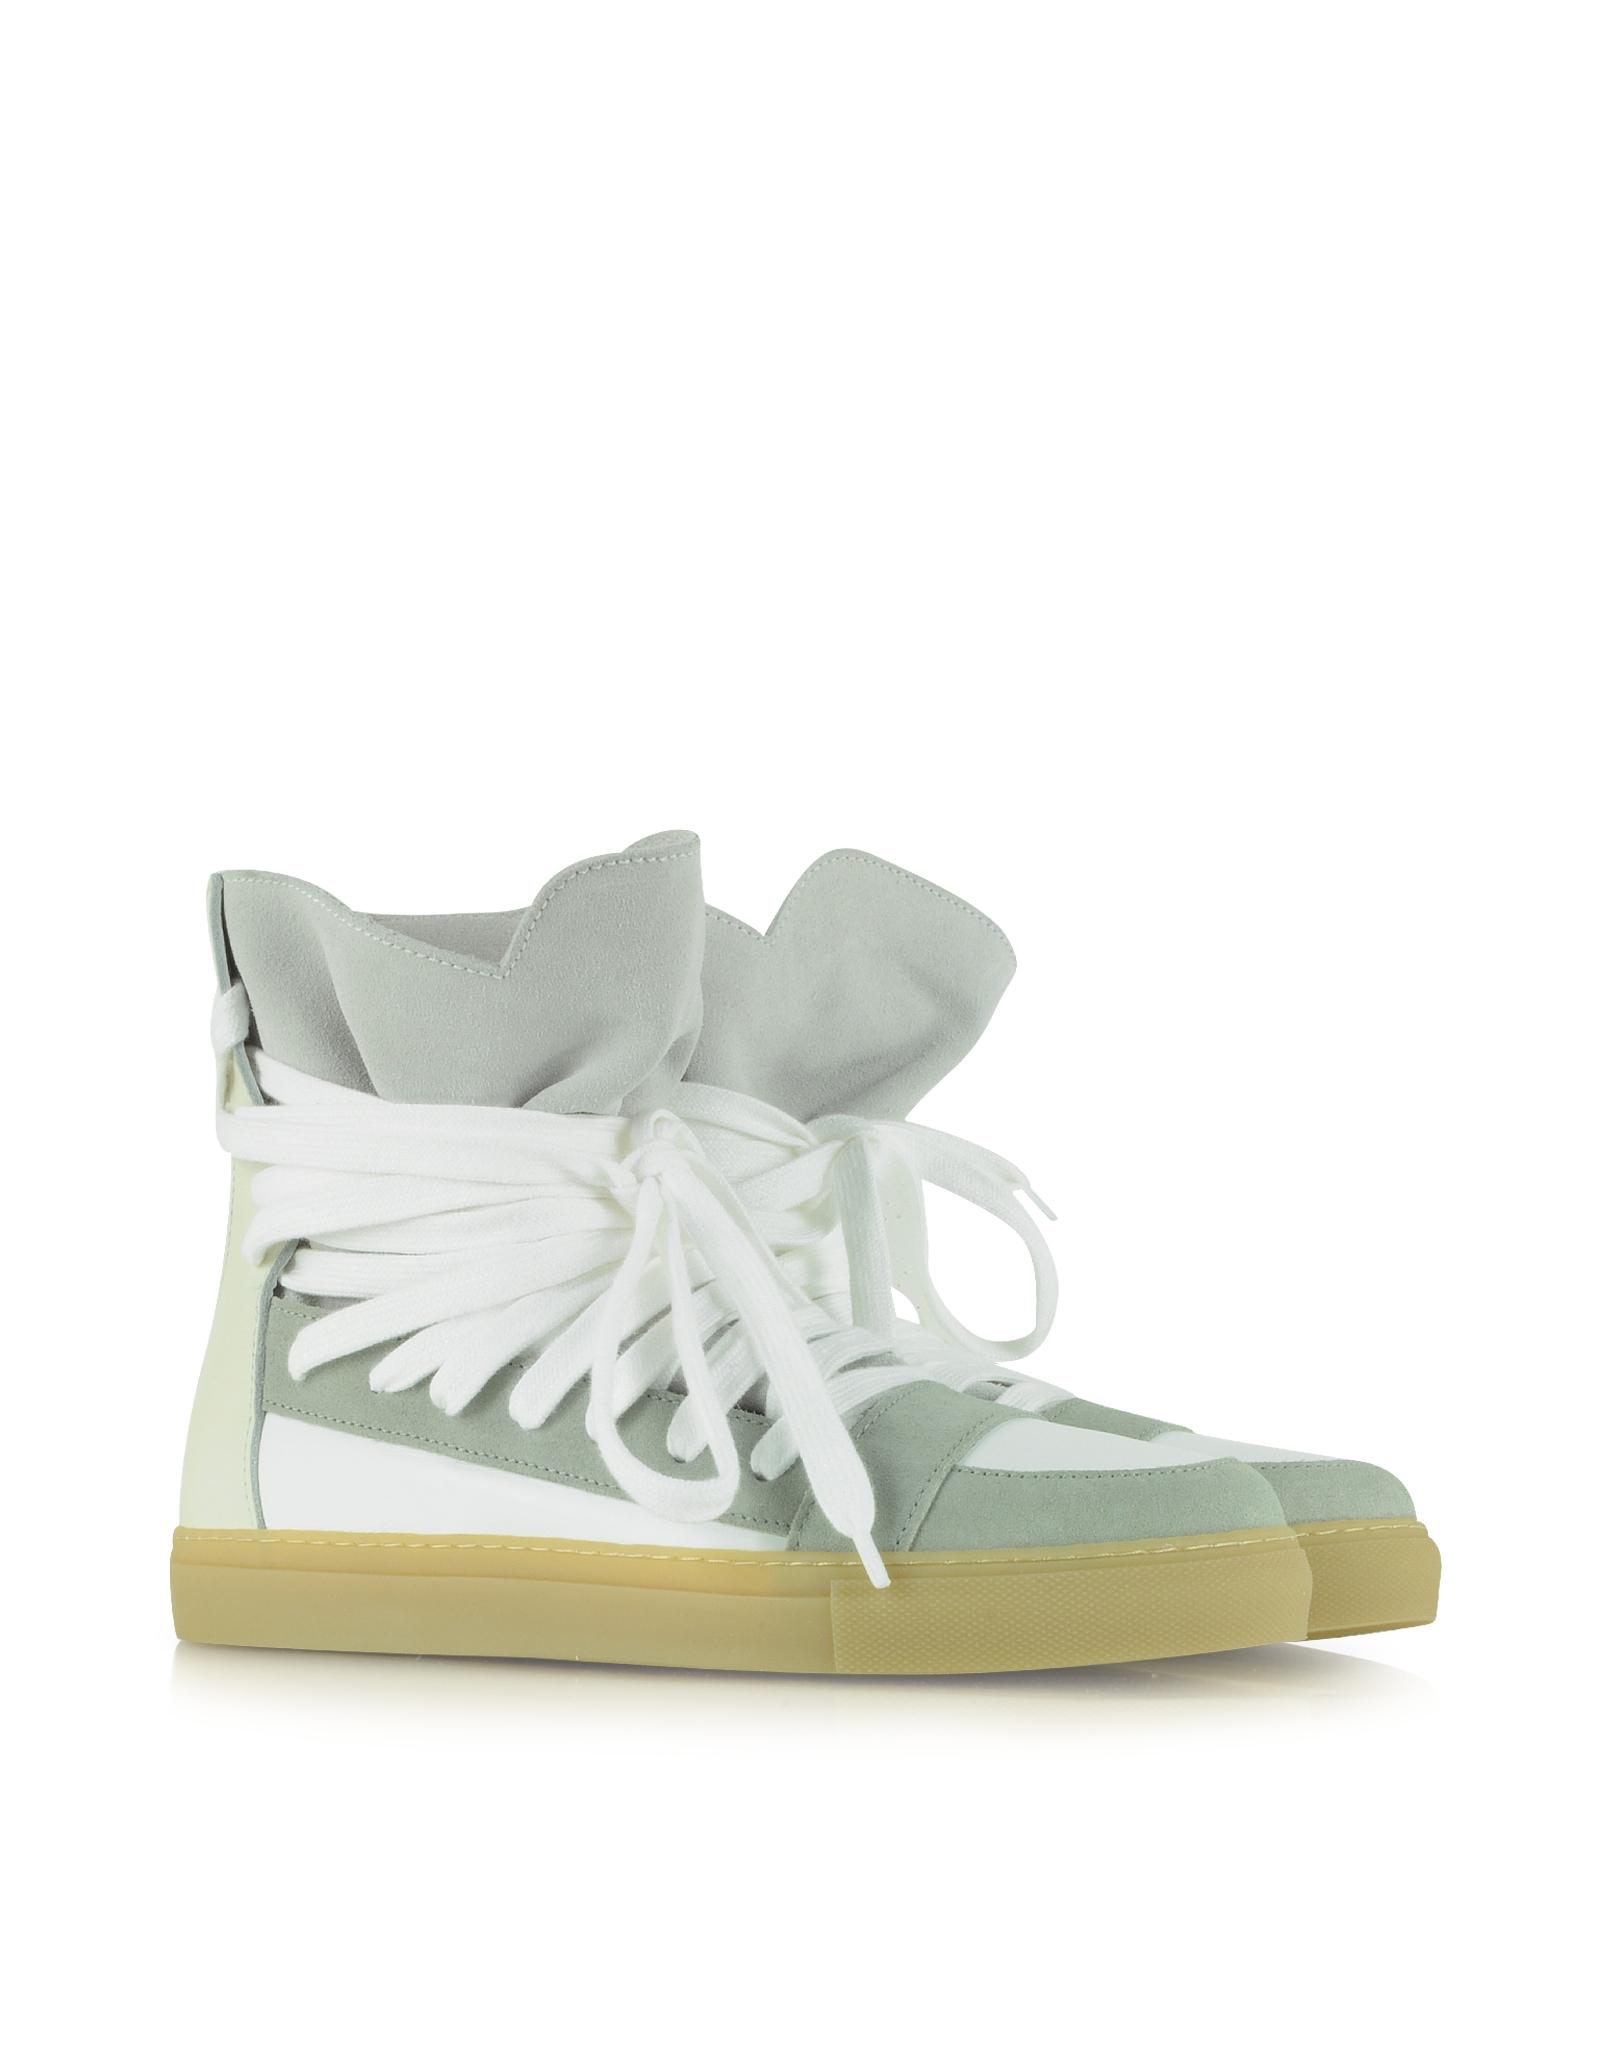 209ca0f24b3fd3 Lyst - Kris Van Assche Off White Multilaces High Top Sneaker in ...